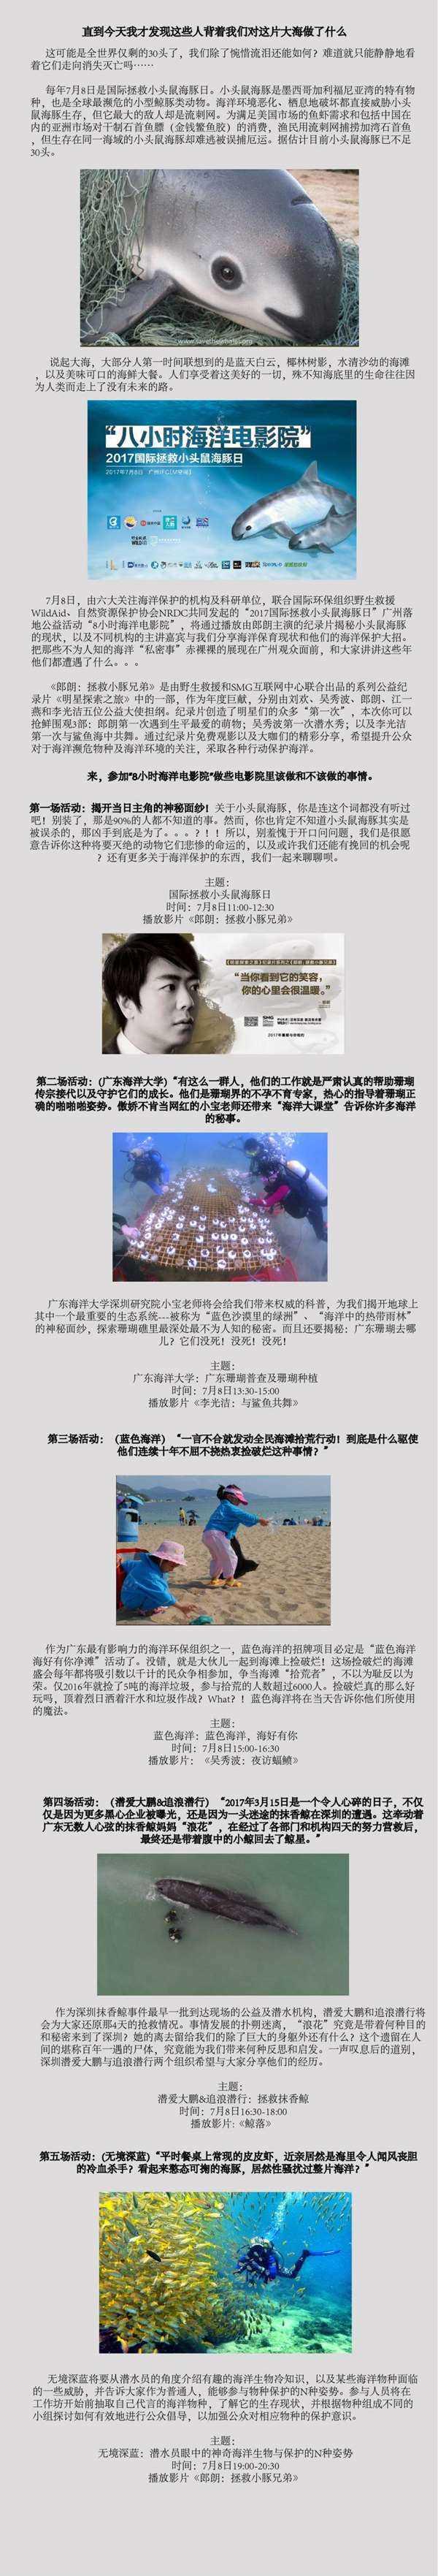 活动行活动内容介绍FE-01-01.jpg